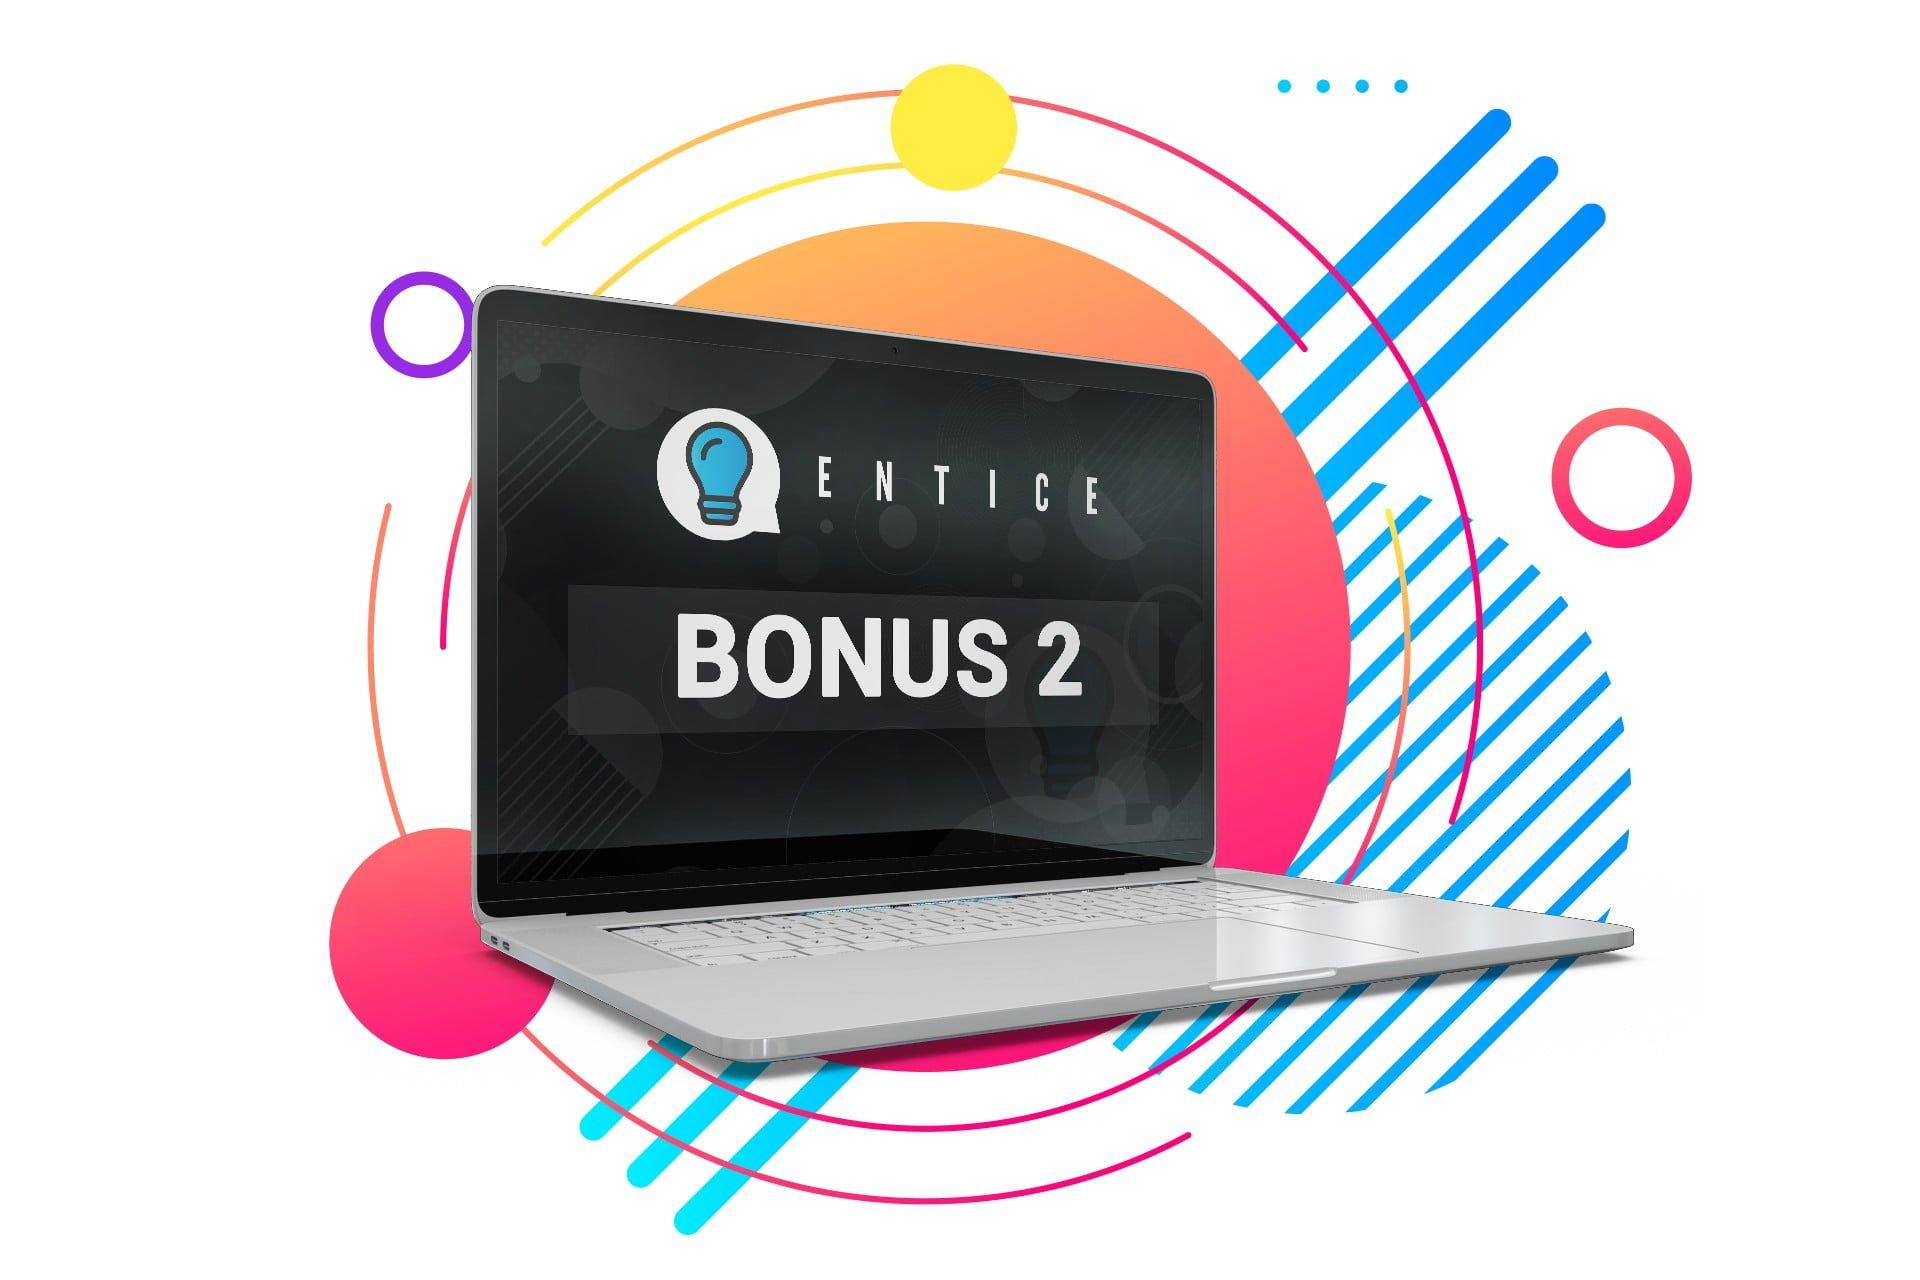 Entice-bonus-2